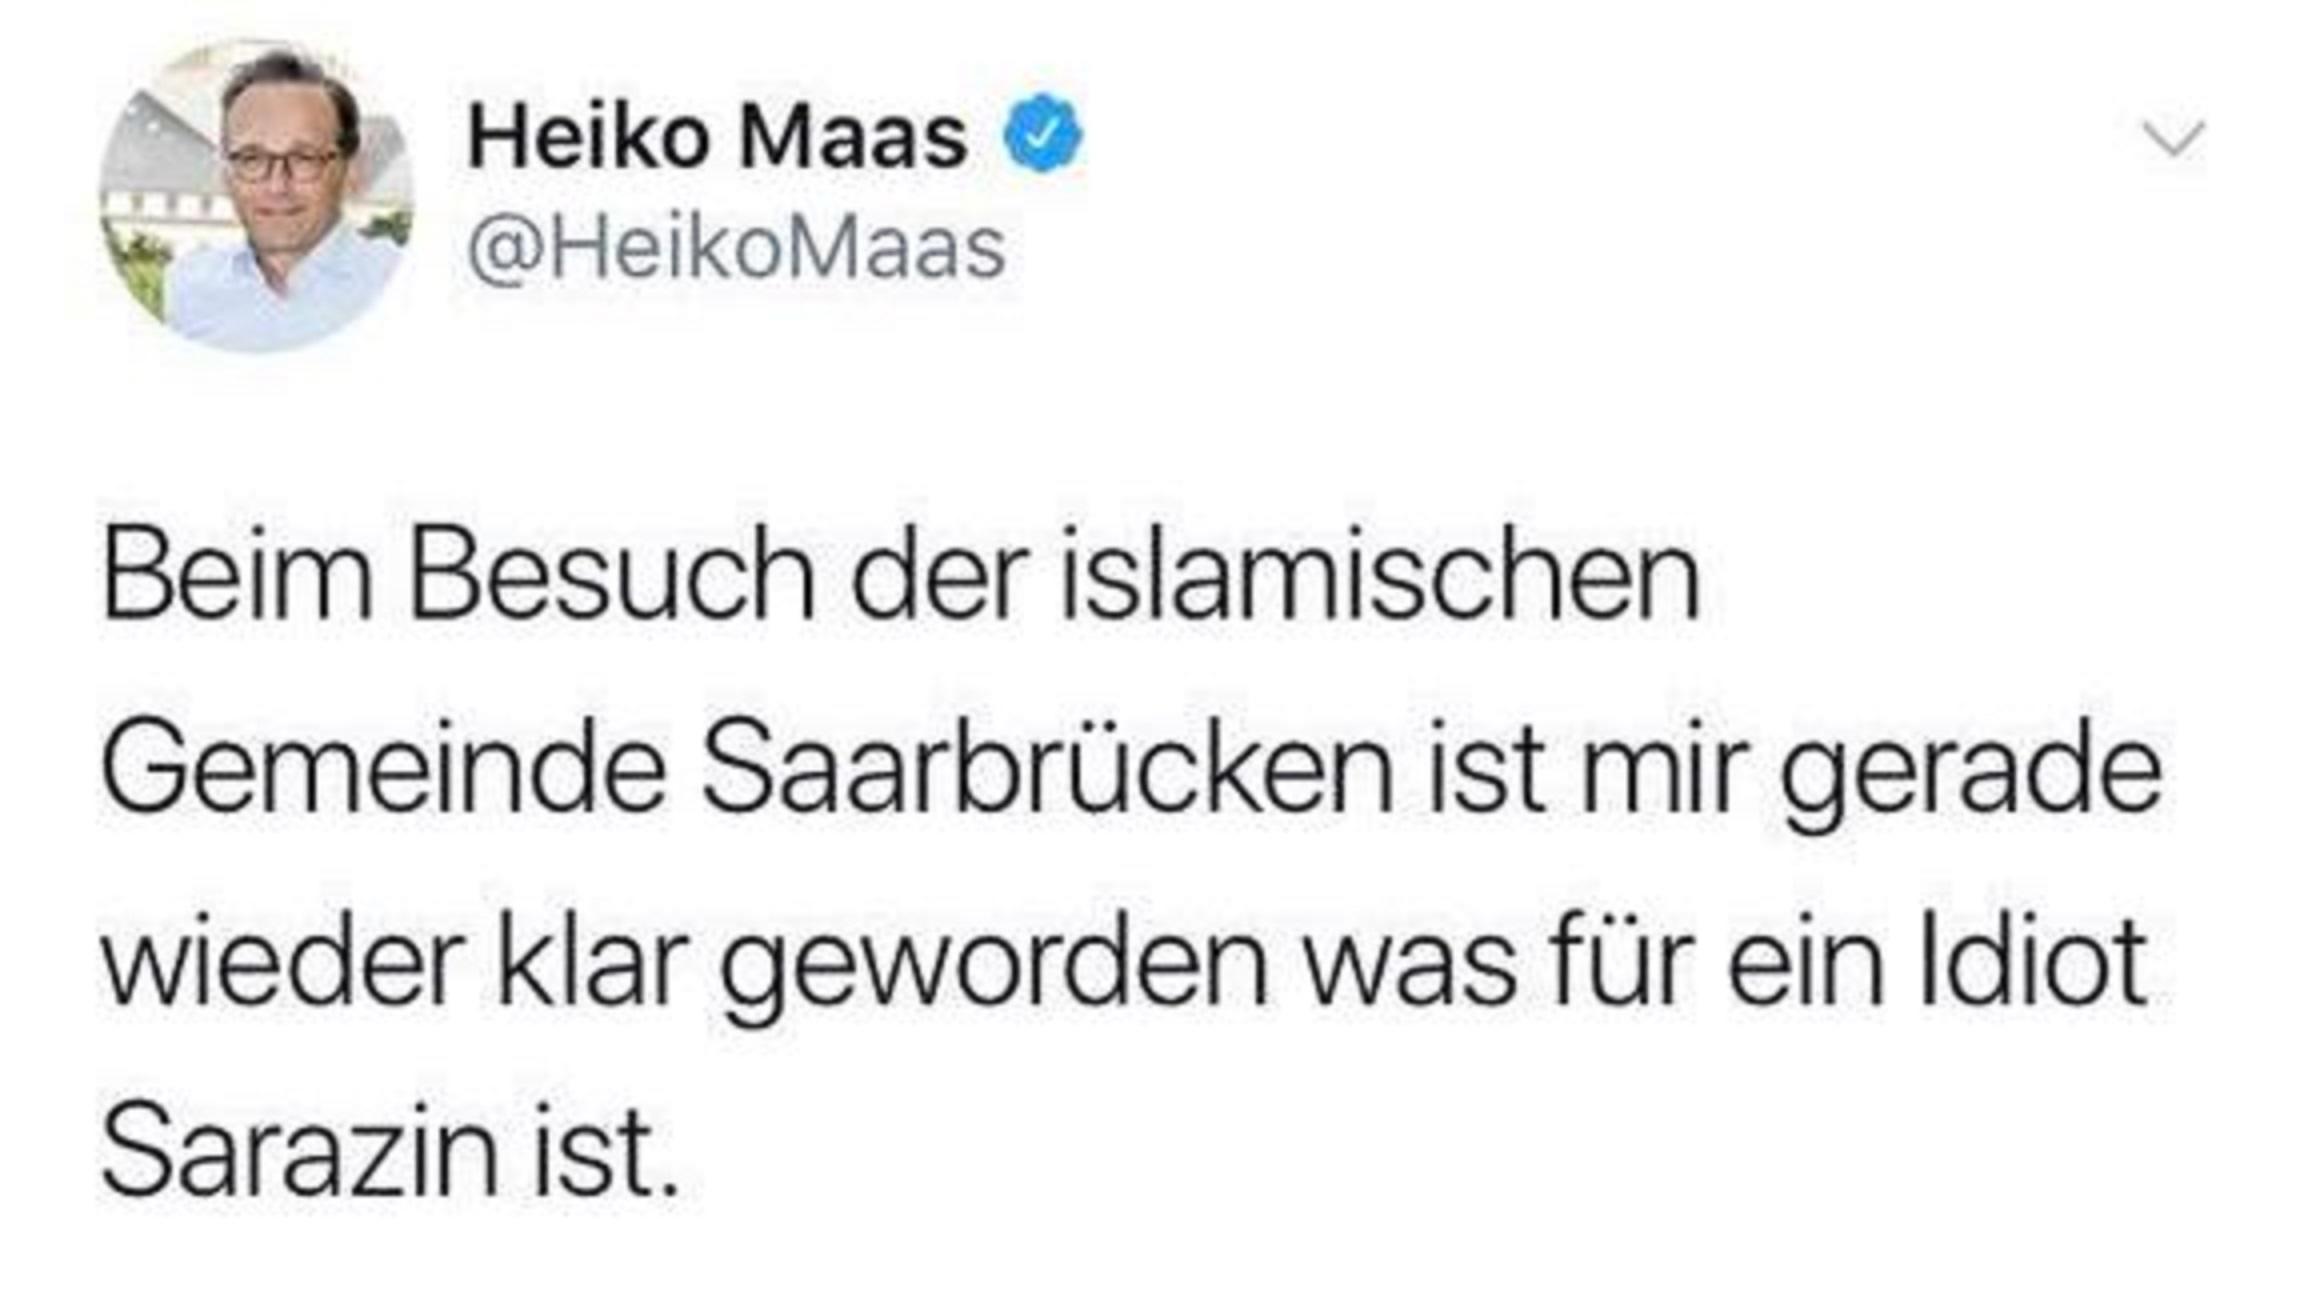 Opfer des eigenen Gesetzes? Verwirrung um verschwundenen alten Heiko Maas-Tweet